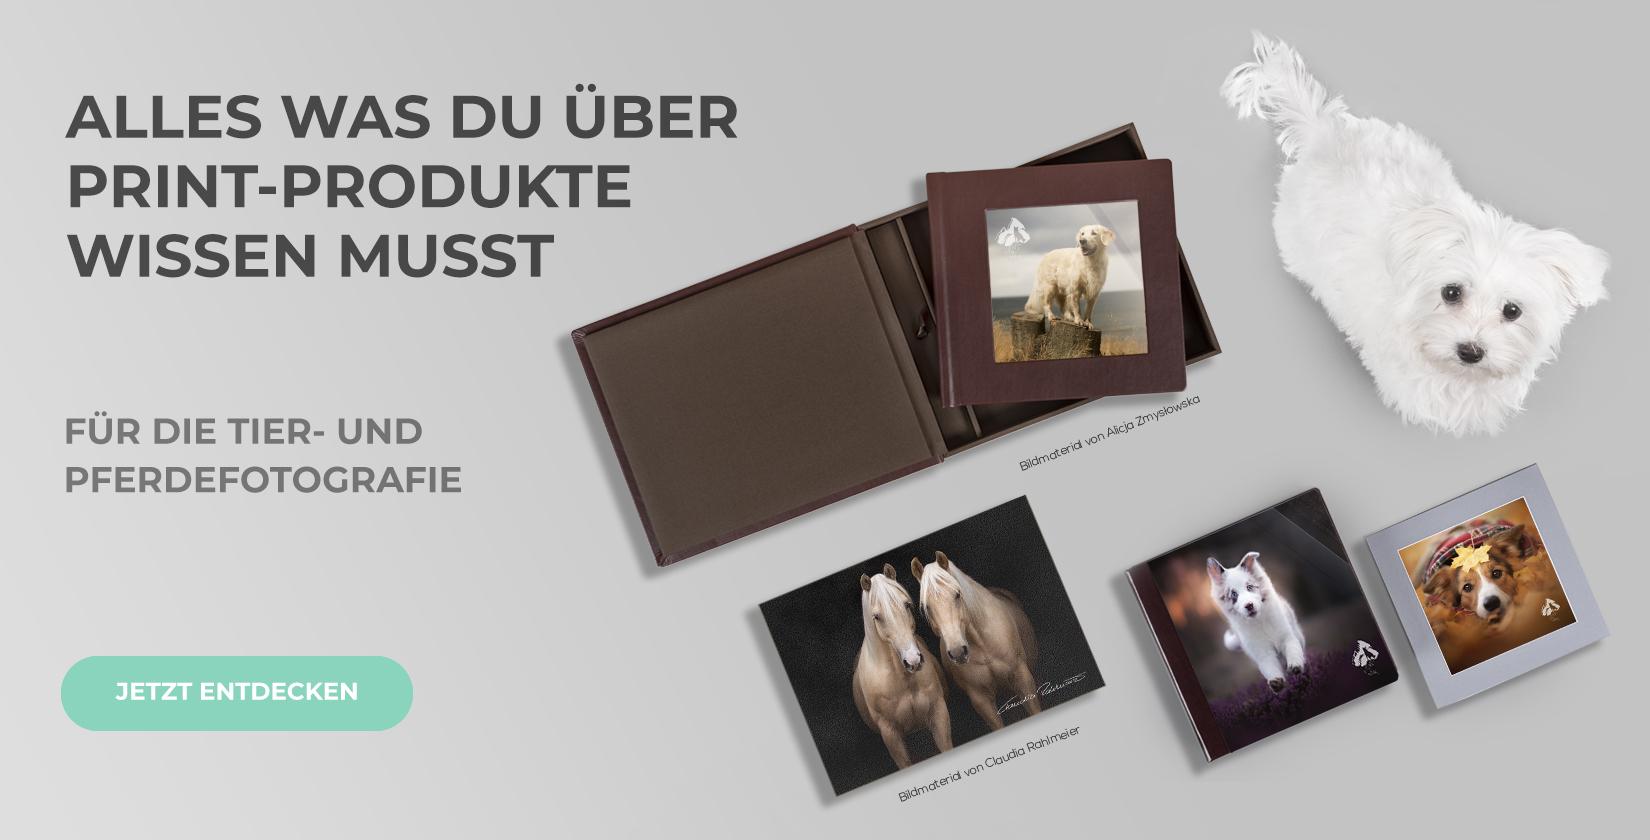 eBook und Musterprodukt-Angebot für Tierfotografen